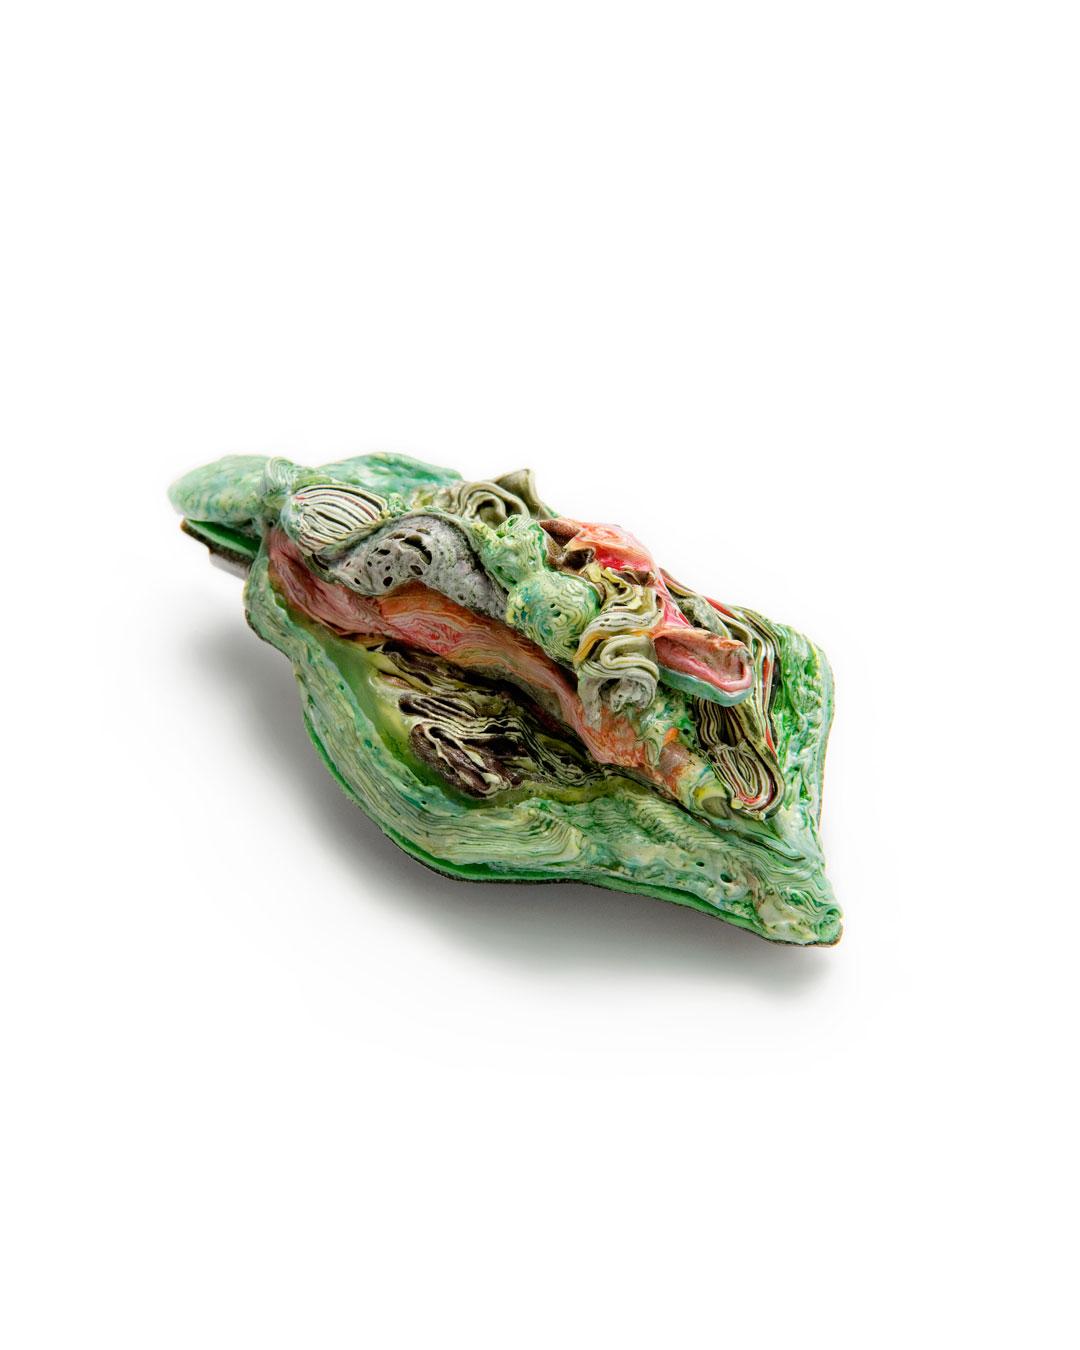 Ineke Heerkens, Lenteloof (Spring Foliage), 2011, brooch; polyethylene, stainless steel, nickel silver, 70 x 40 x 20 mm, €800